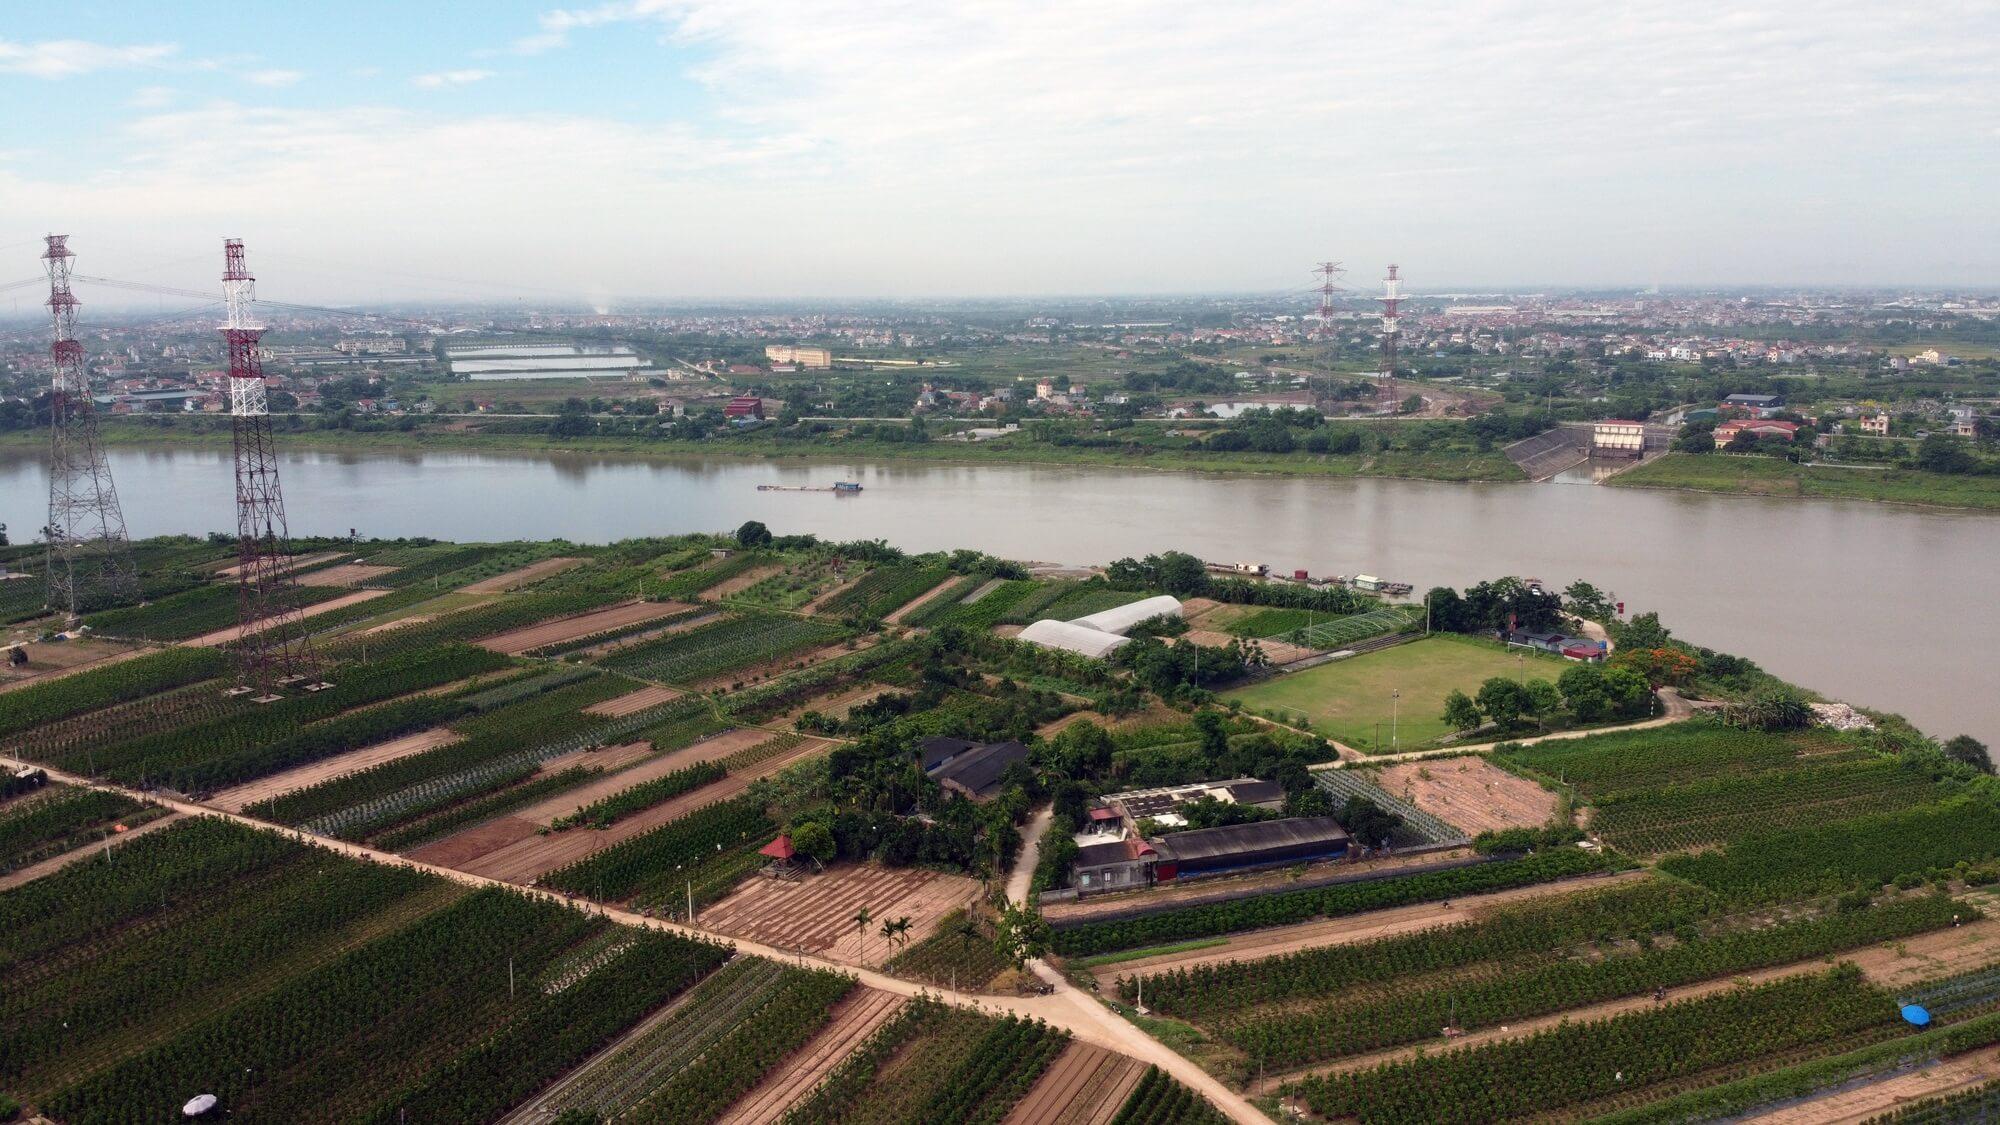 Đường dẫn lên cầu Mễ Sở chạy qua các xã Mễ Sở, Thắng Lợi thuộc huyện Văn Giang.